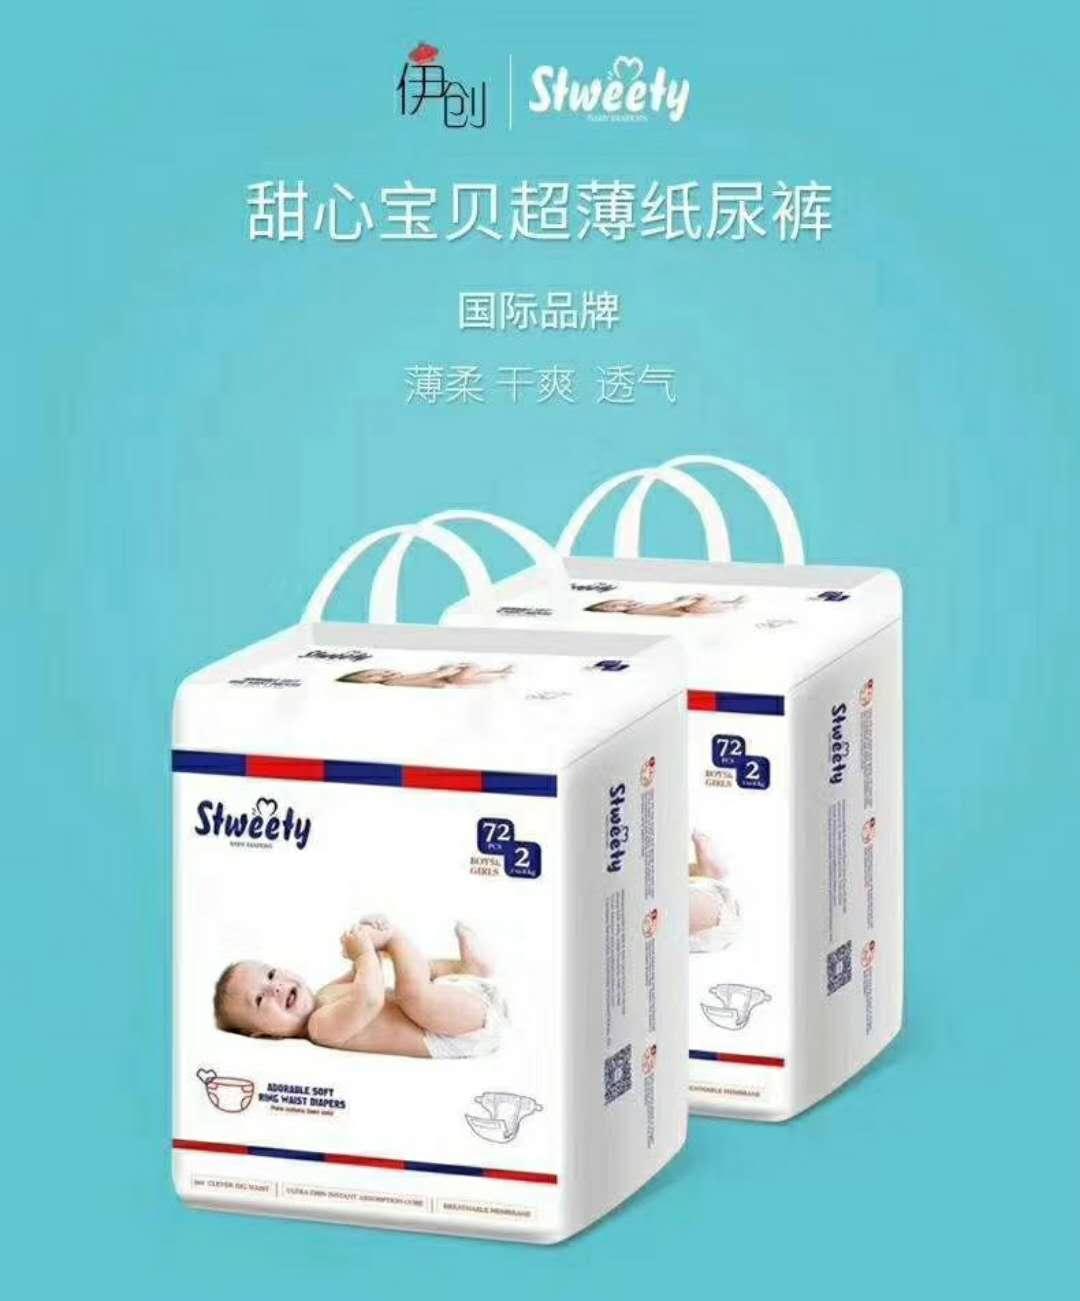 三明微商纸尿裤 泉州纸尿裤代理可靠放心